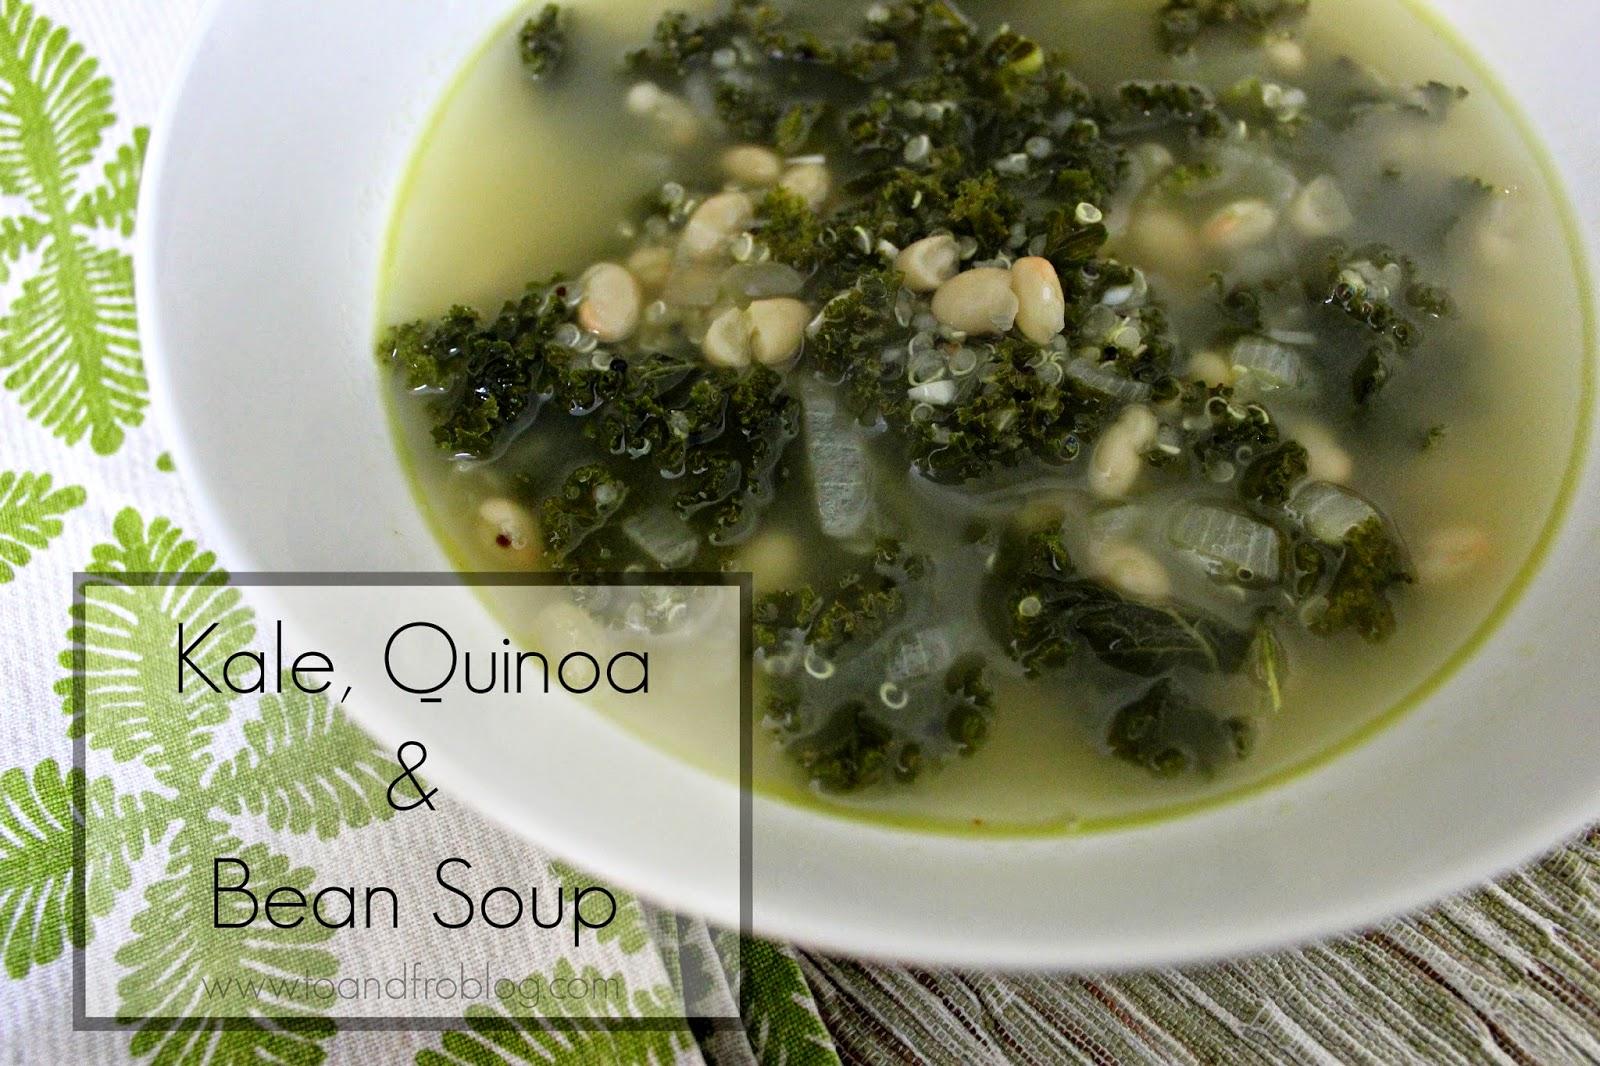 kale, quinoa and bean soup recipe